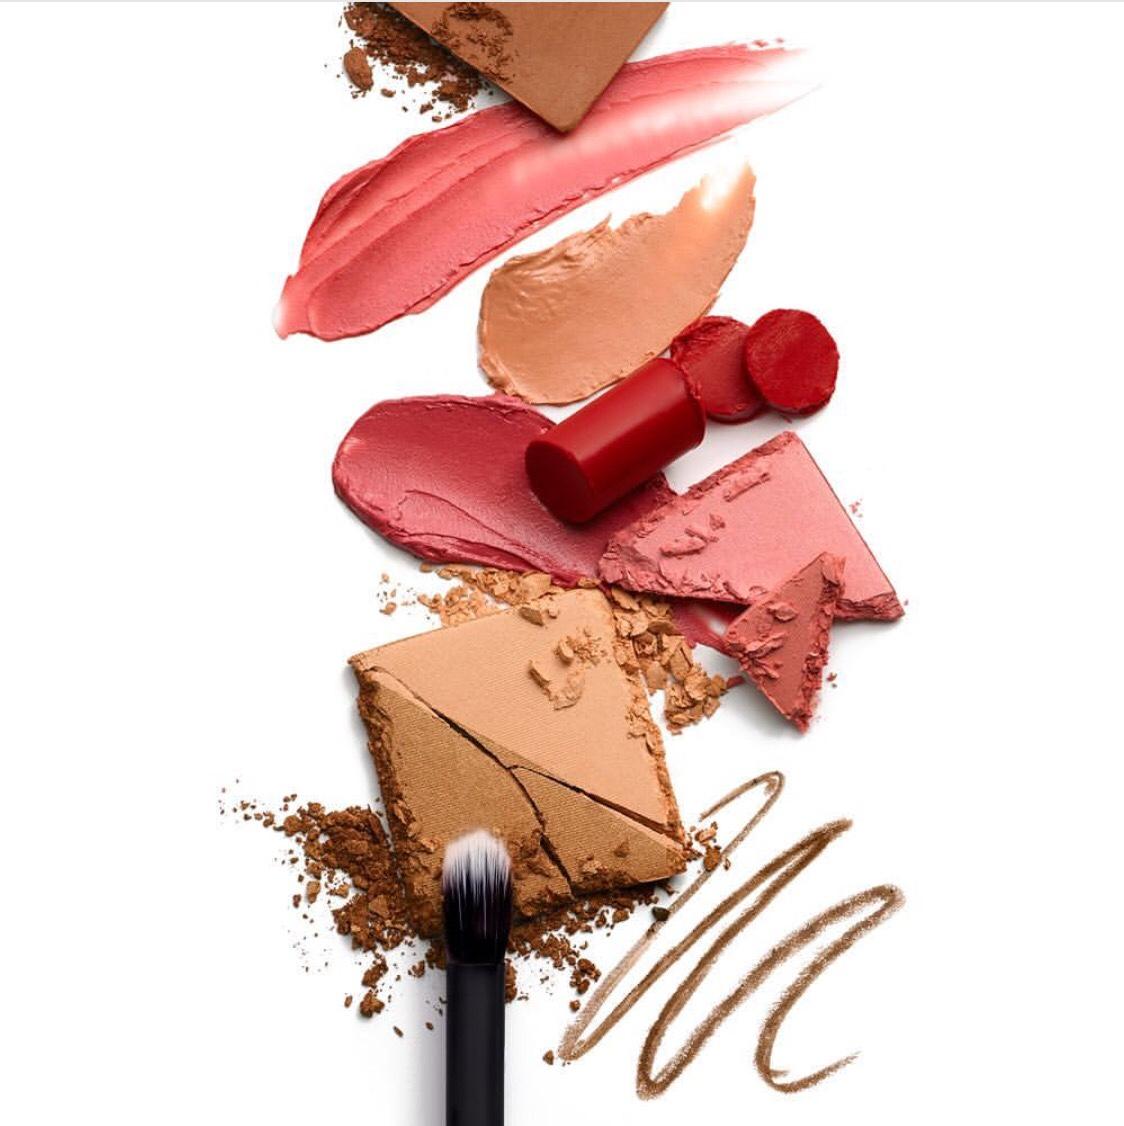 Beautycounter, Clean Beauty, Non-toxic Beauty, Non-toxic Skincare, Dallas Beauty Blogger, Nontoxic makeup, Nontoxic Skincar